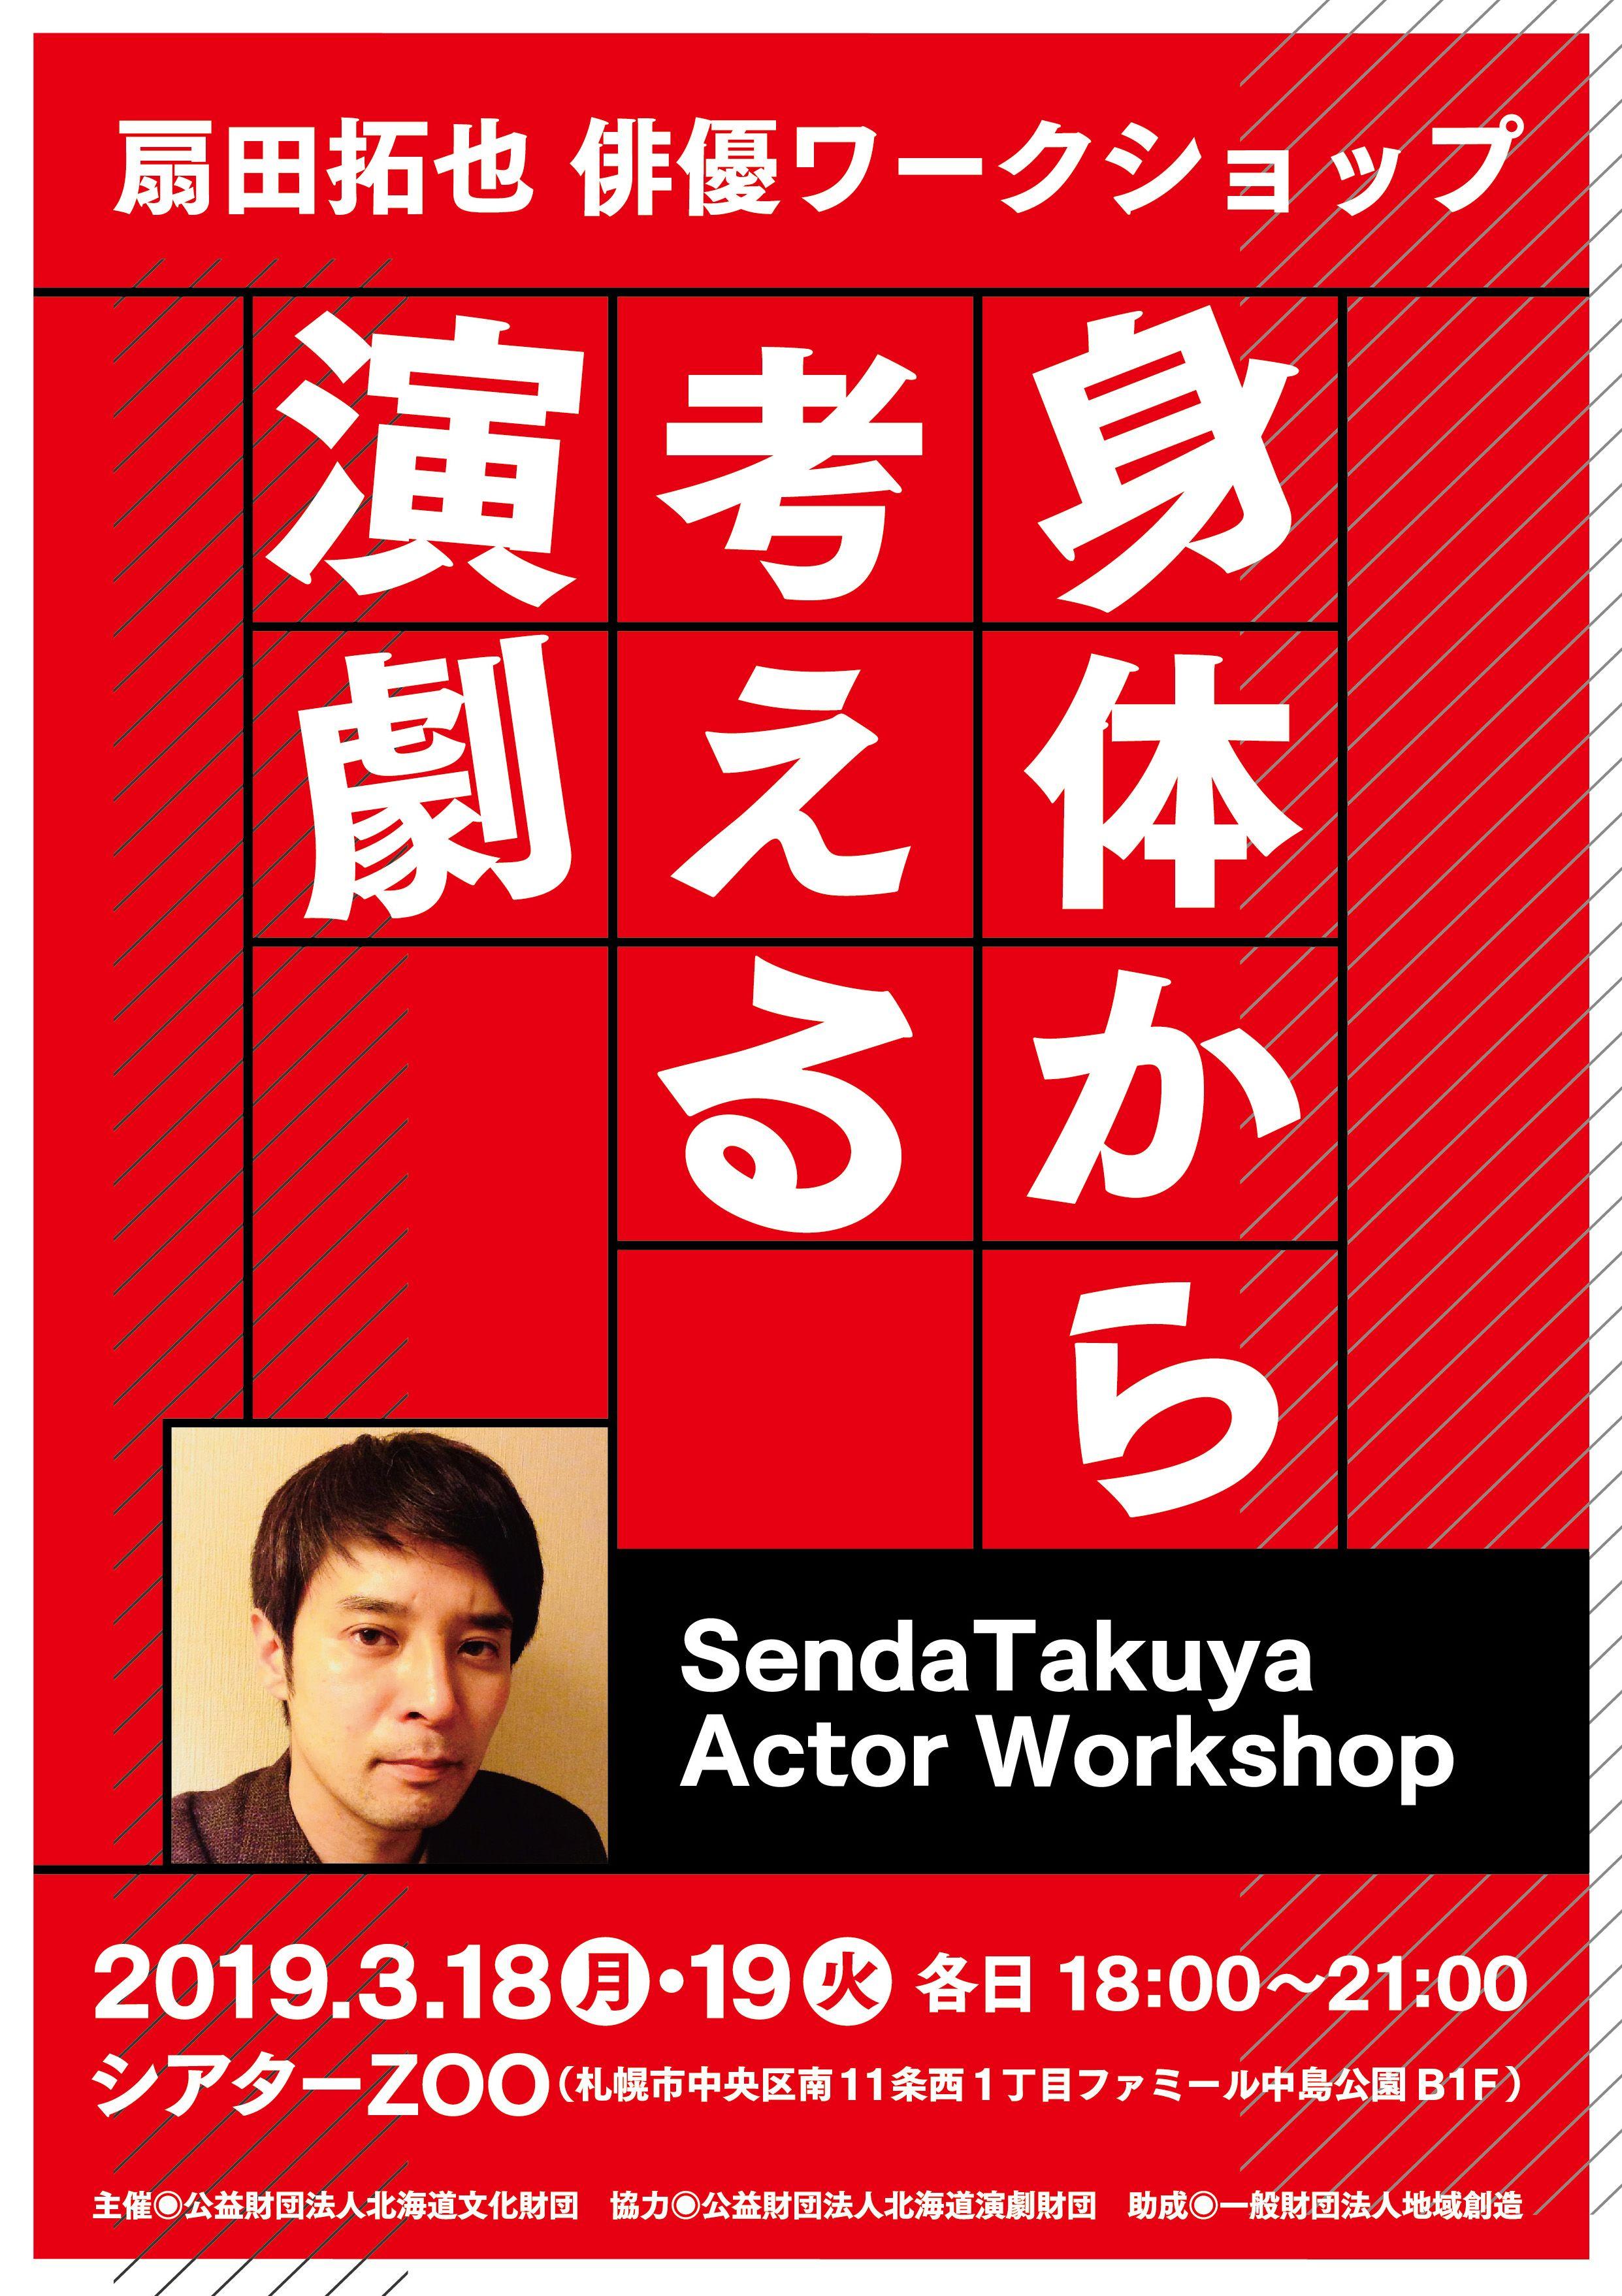 扇田拓也俳優ワークショップ「身体から考える演劇」 イメージ画像